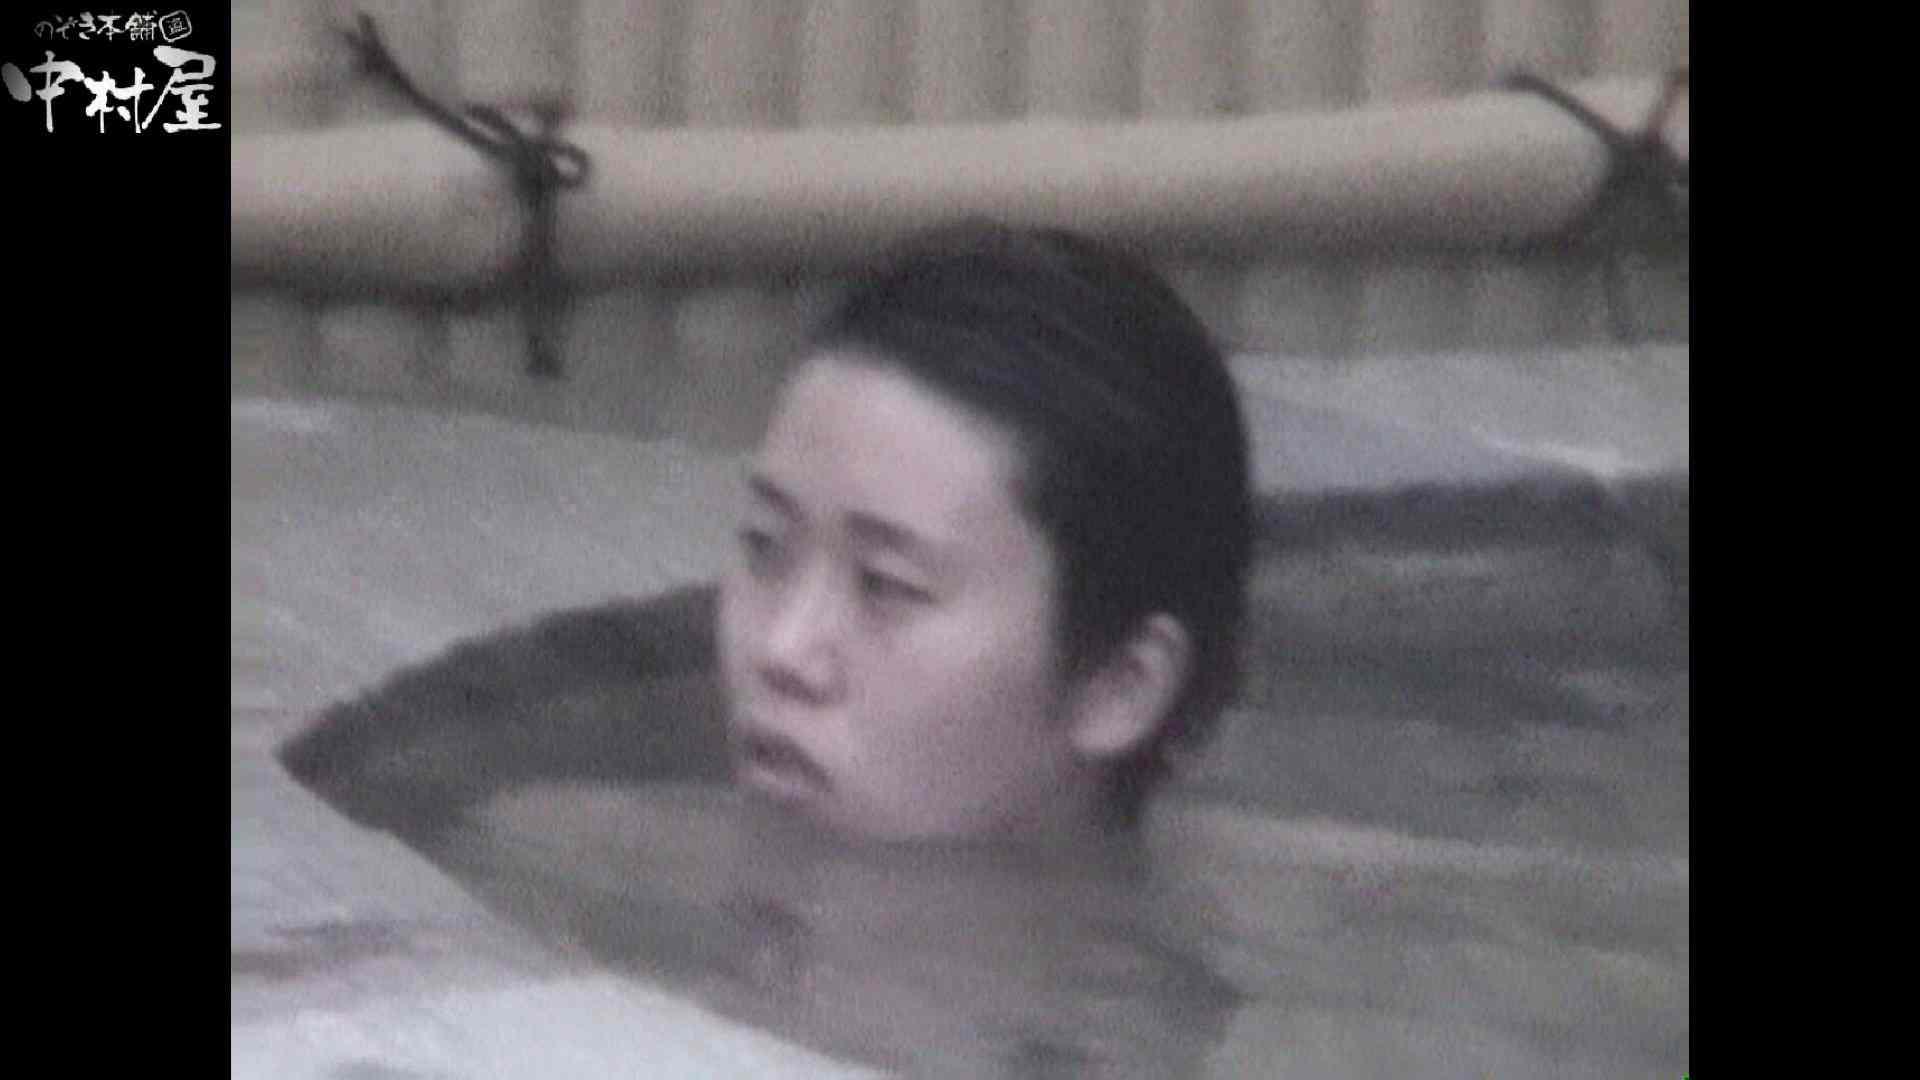 Aquaな露天風呂Vol.922 露天風呂  45連発 12